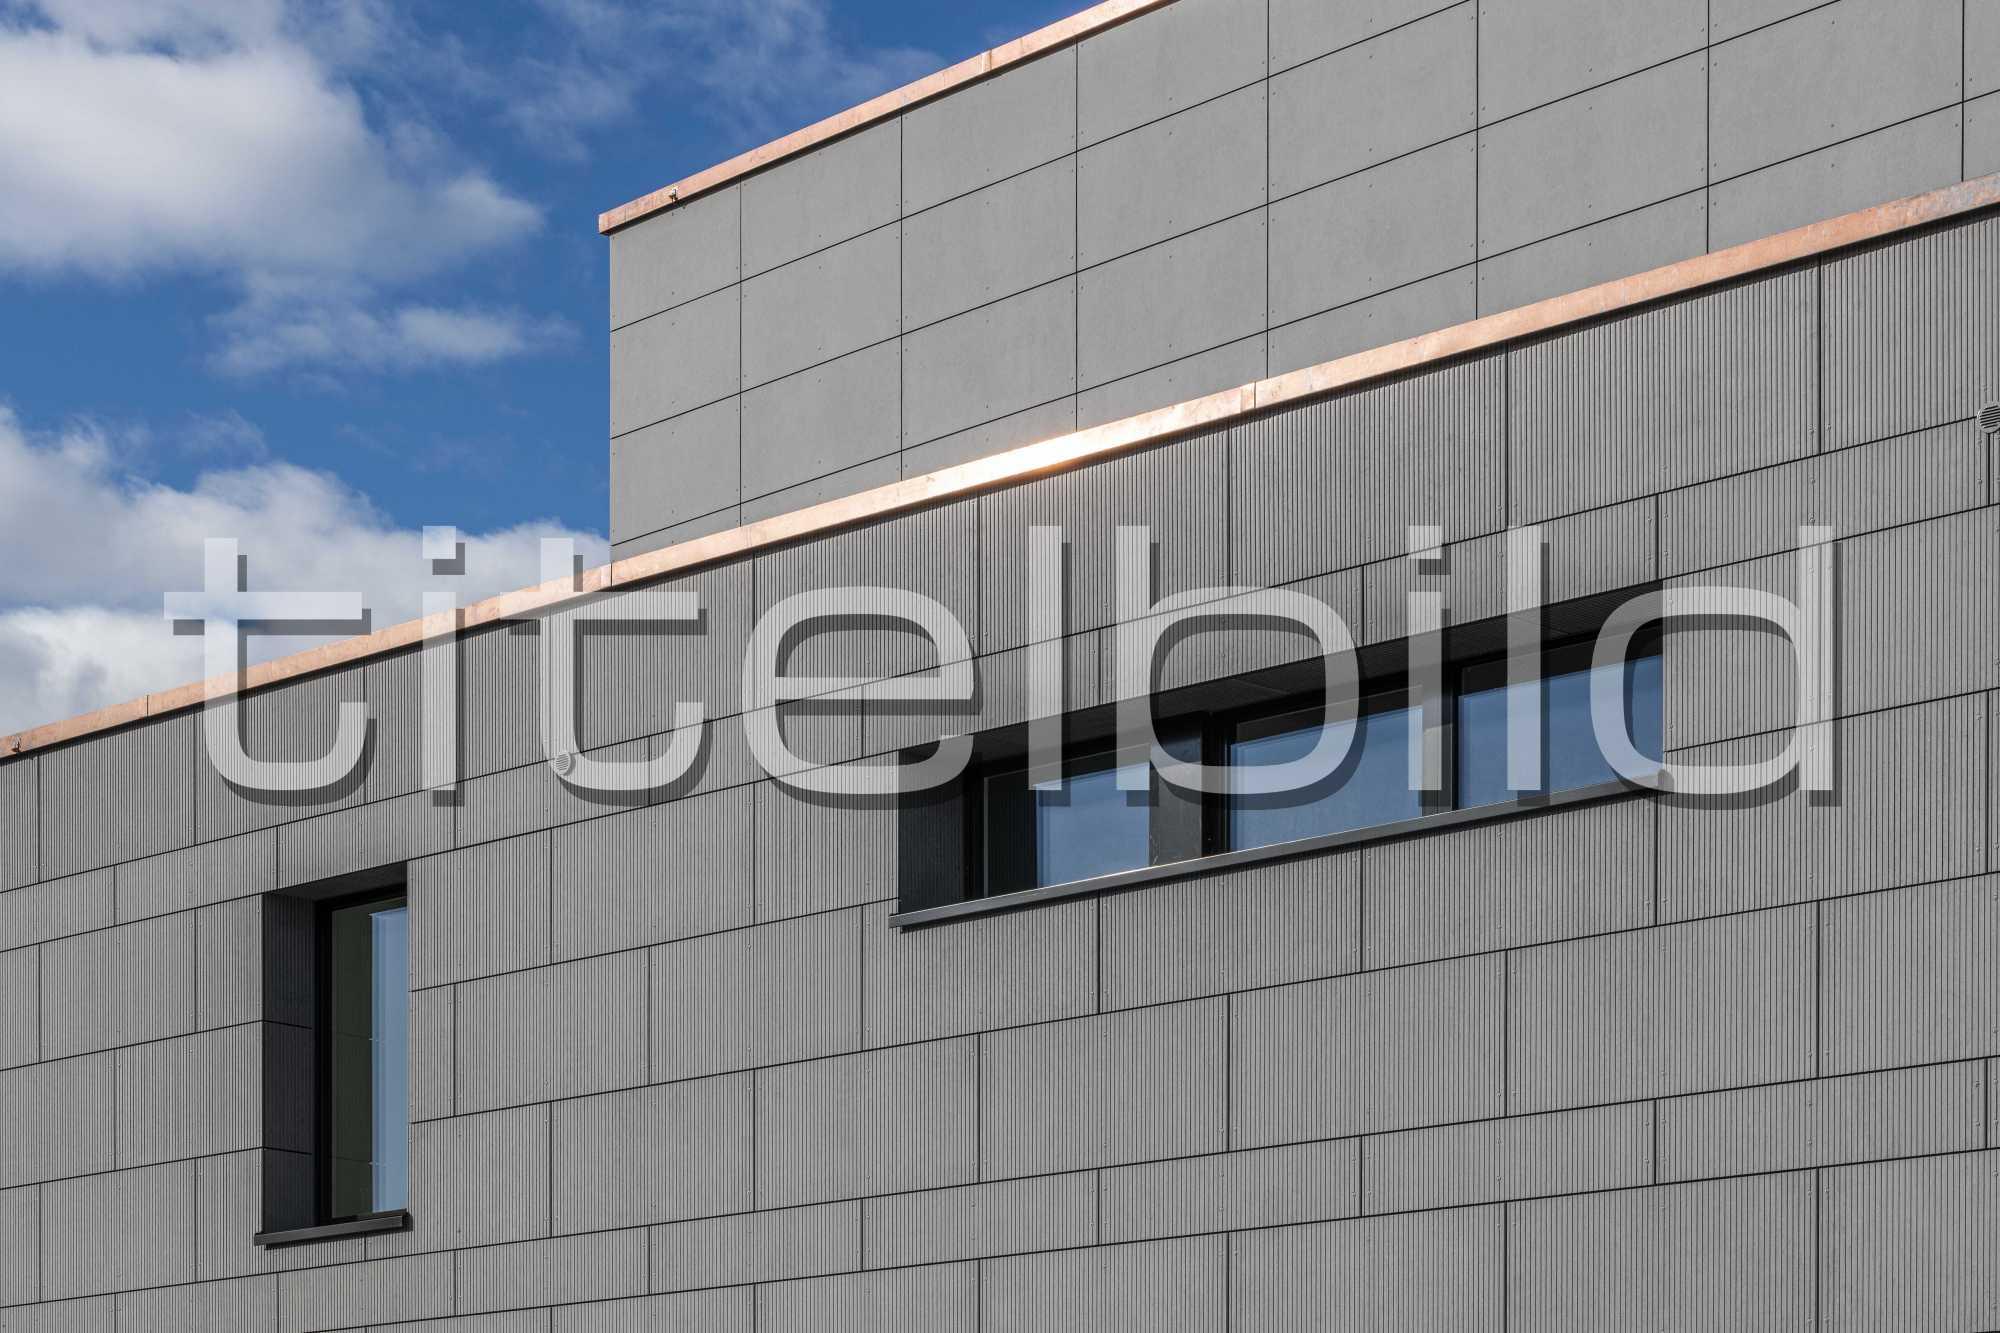 Projektbild-Nr. 4: Mehrzweckgebäude Tübach